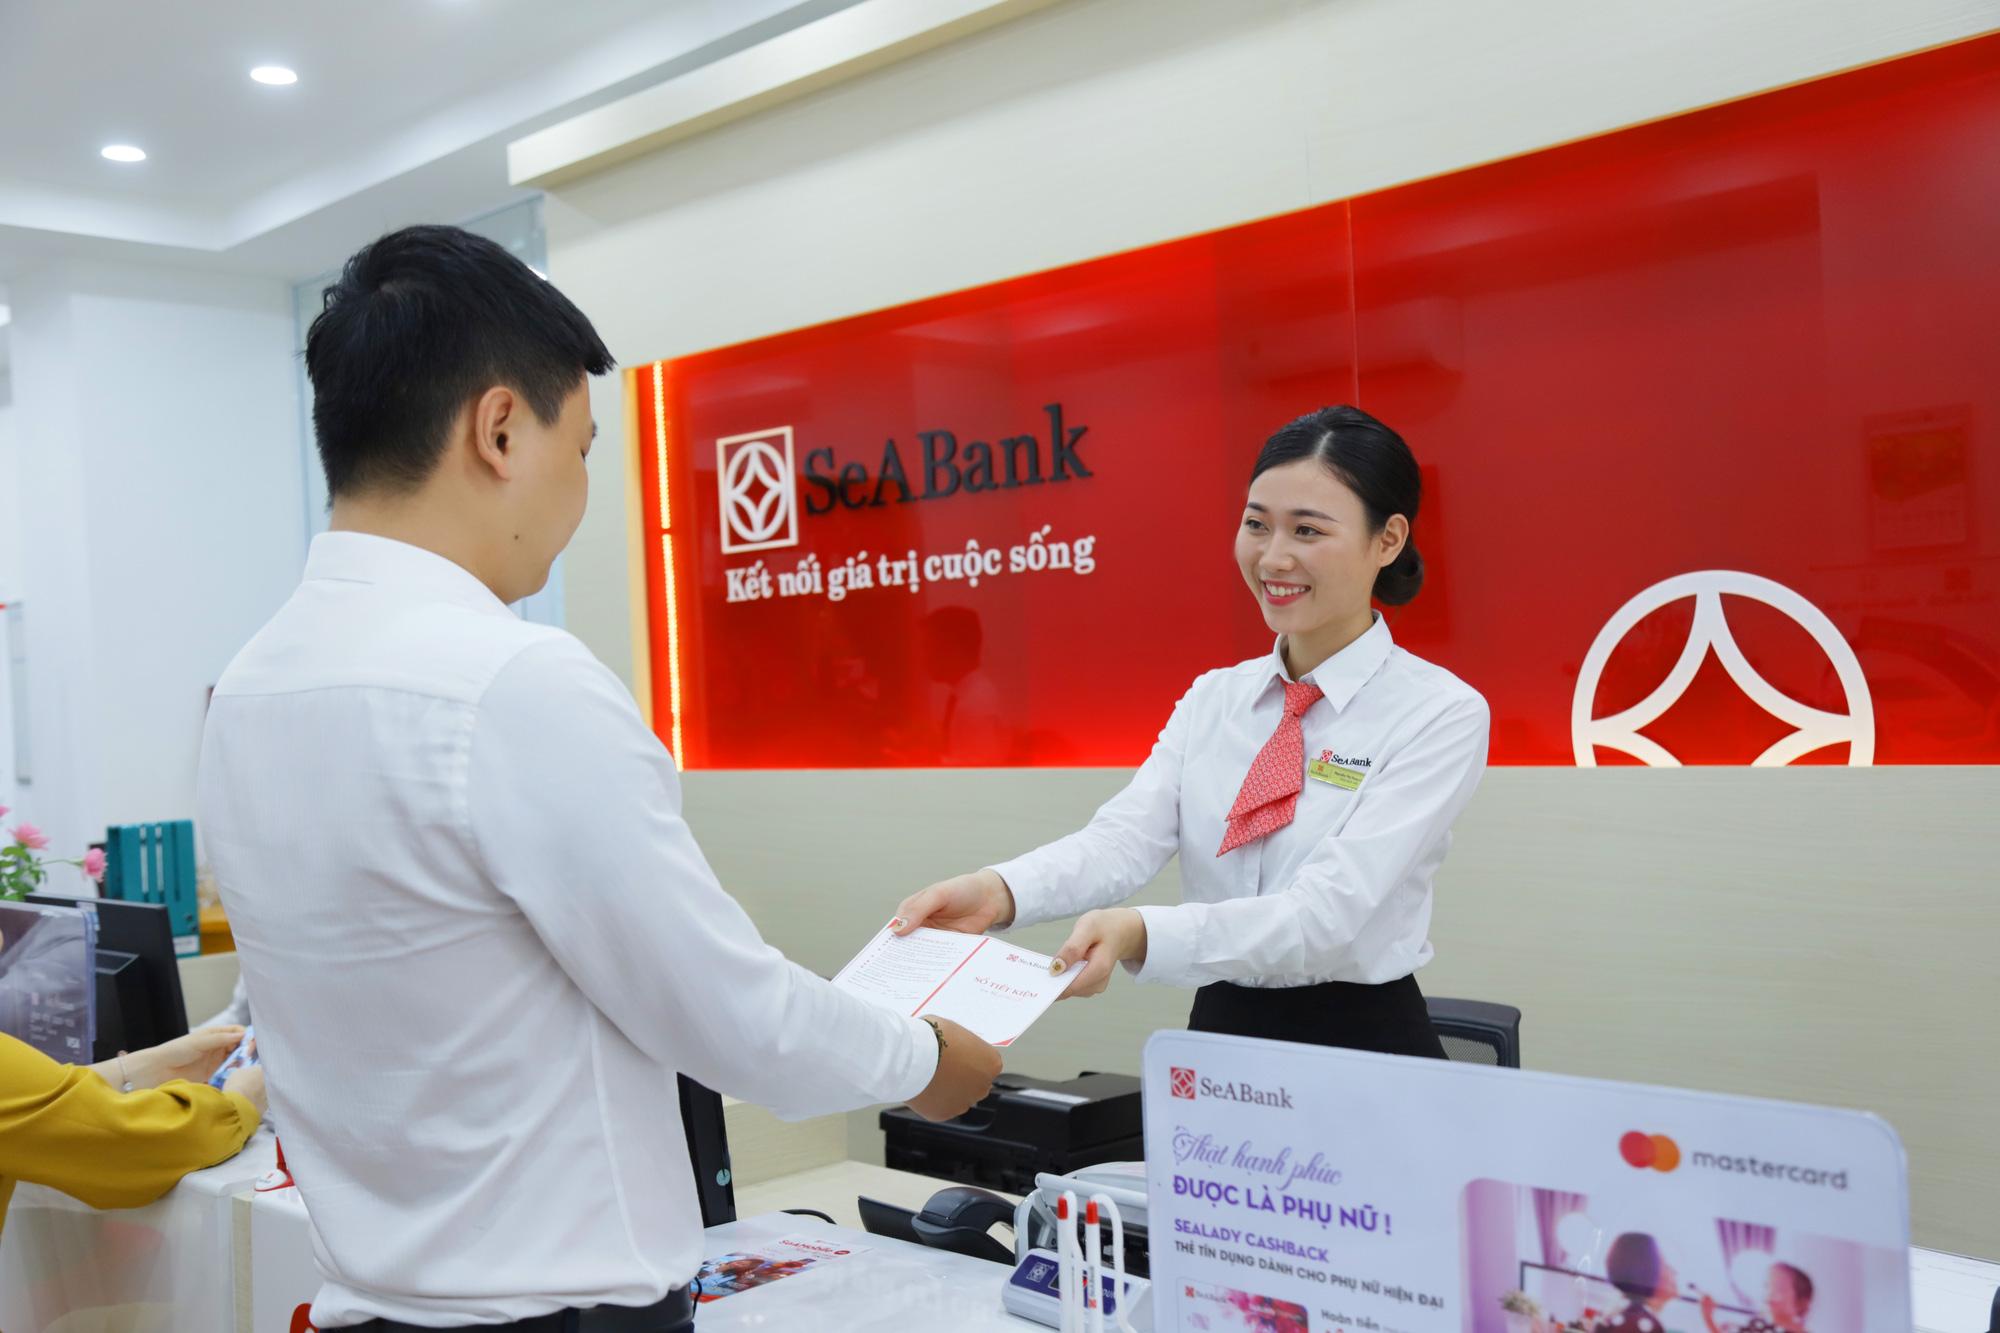 SeABank hoàn thành tăng vốn điều lệ lên gần 12.088 tỷ đồng, được chấp thuận niêm yết hơn 1,2 tỷ cổ phiếu trên HOSE - Ảnh 3.